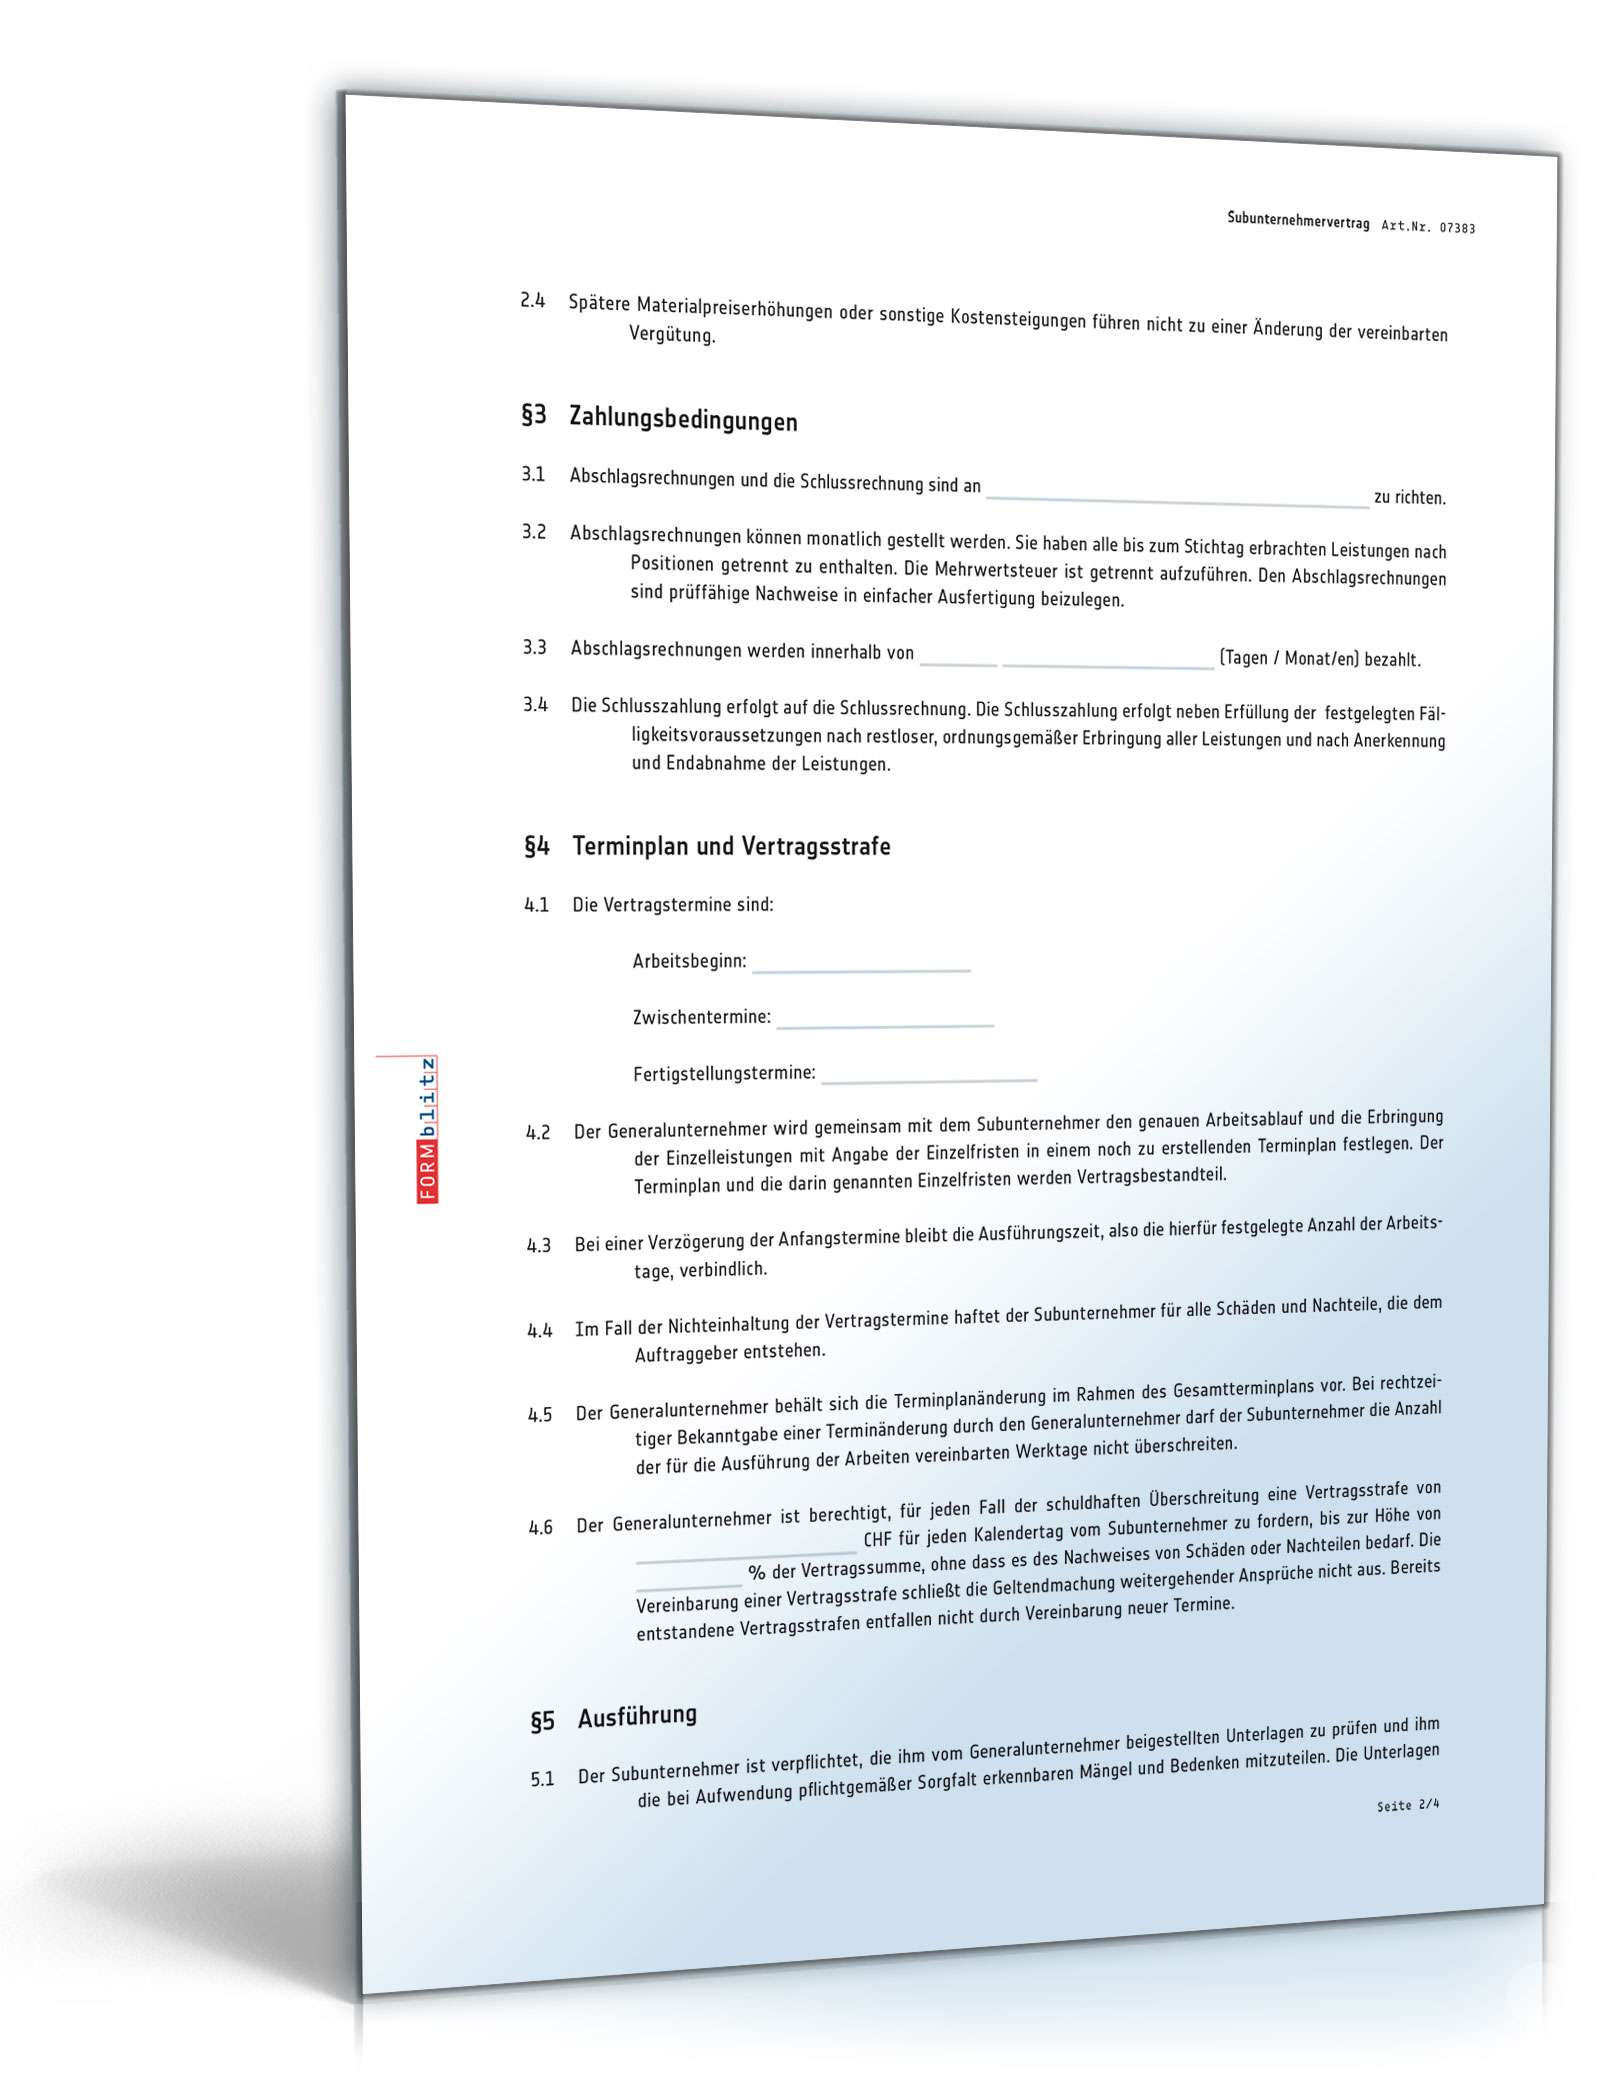 Gemütlich Vertrag Für Subunternehmer Vorlage Ideen - Beispiel ...